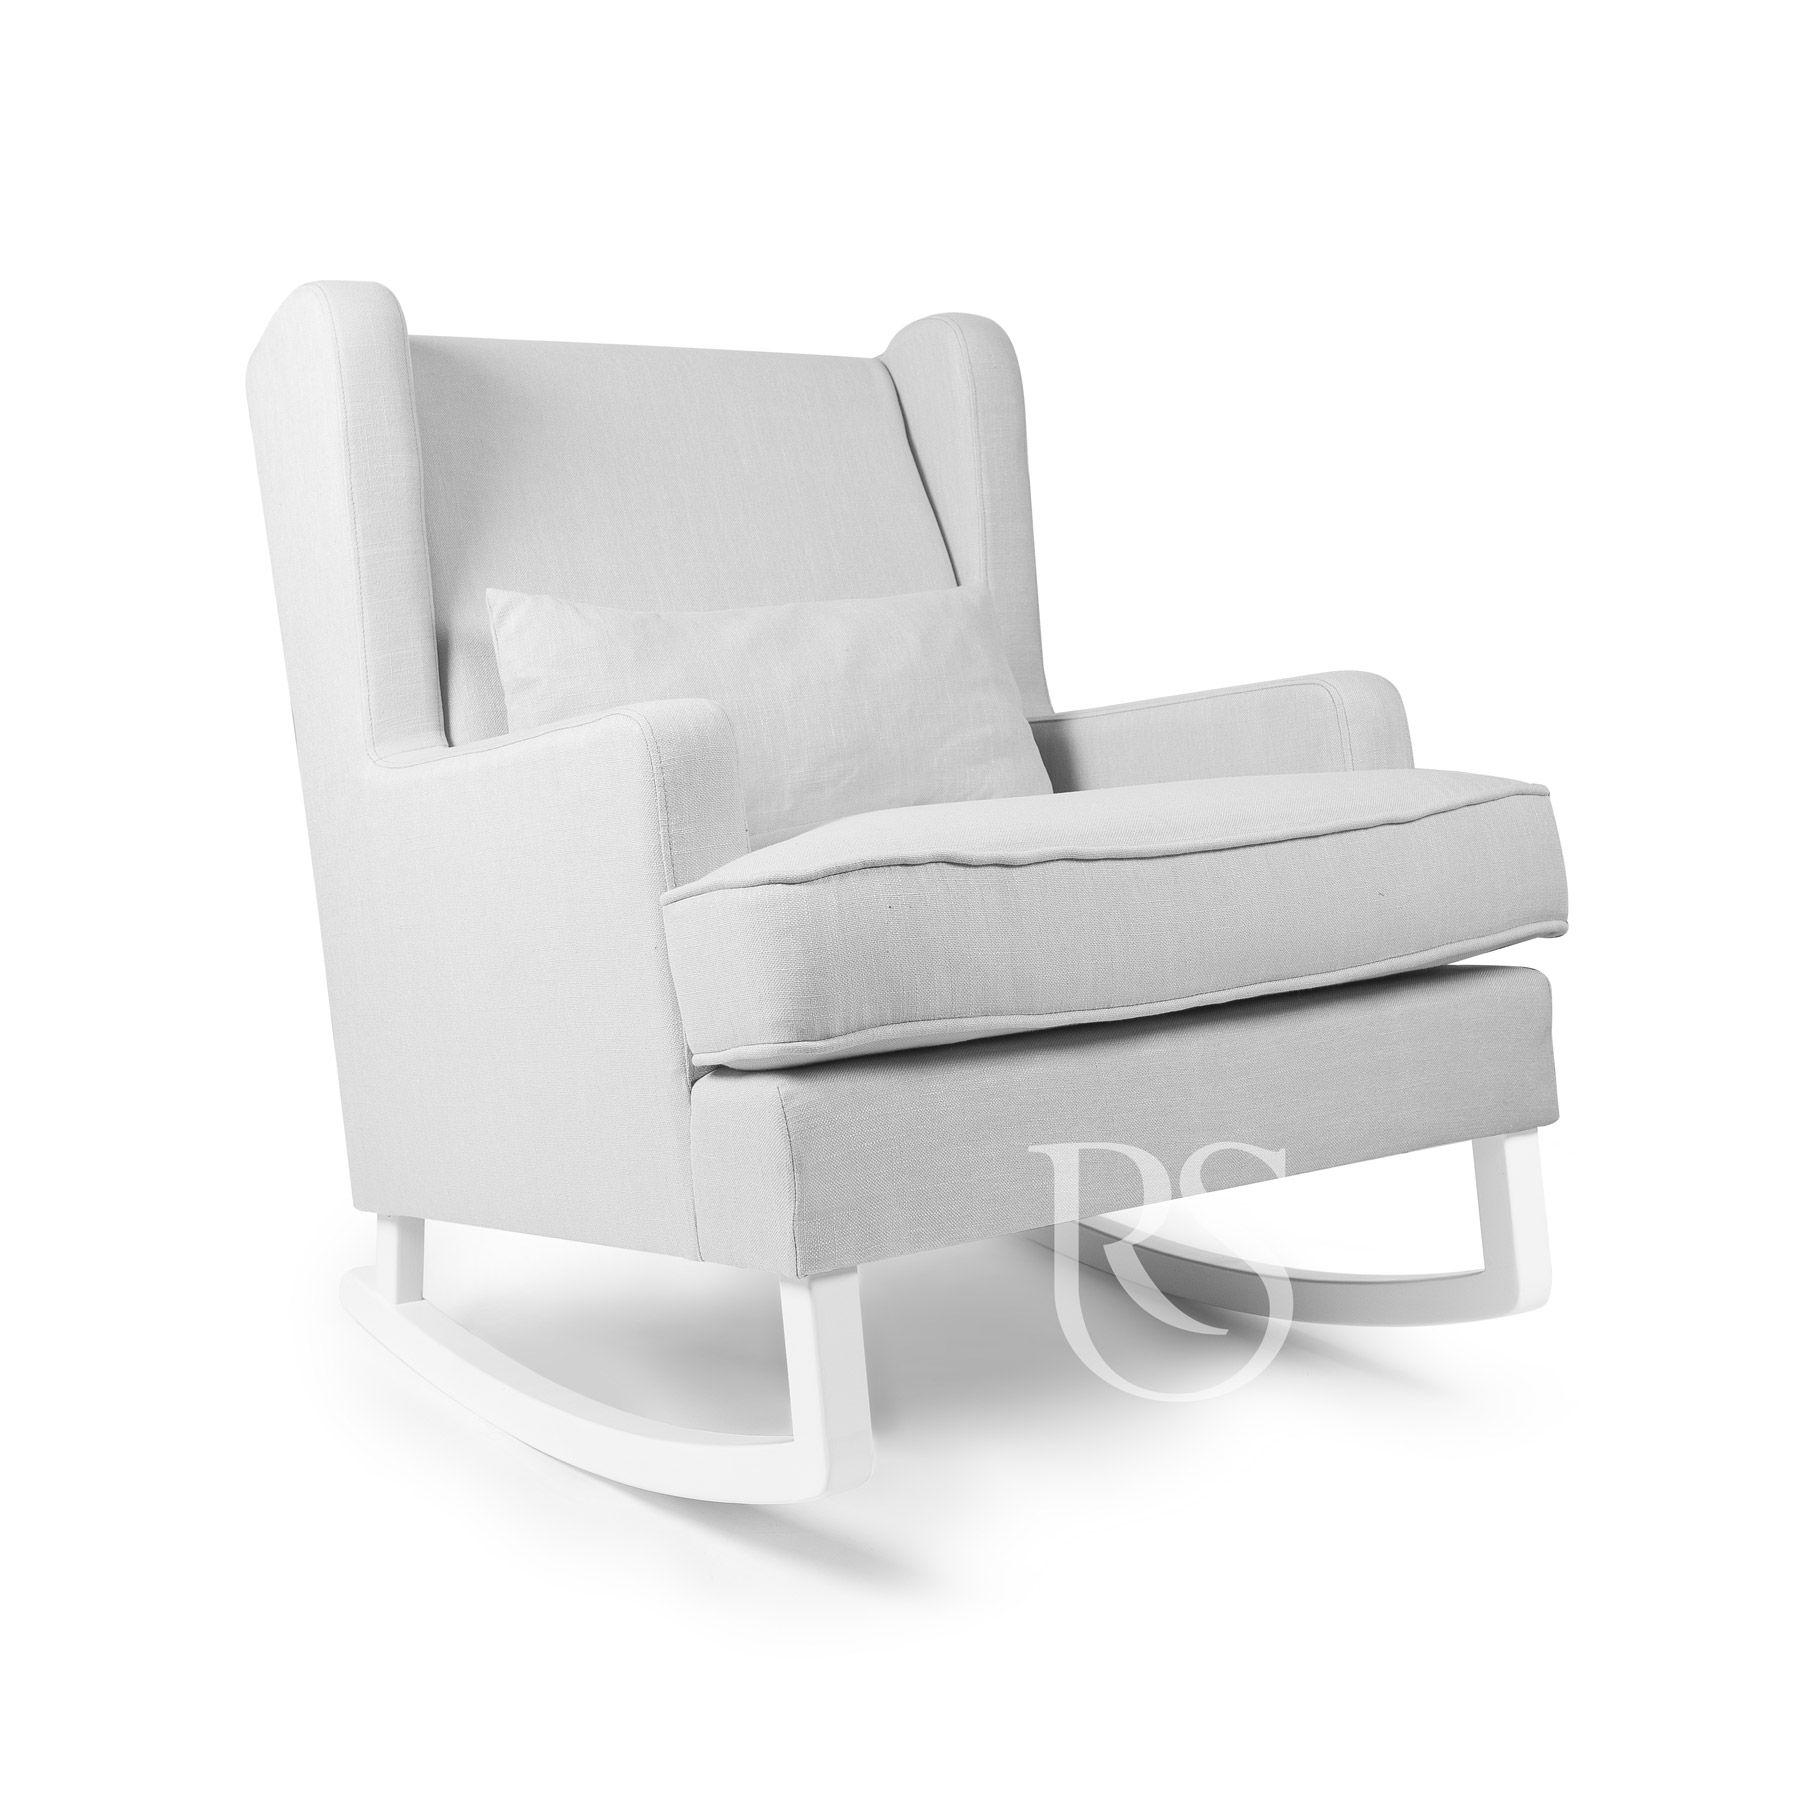 Schommelstoel grijs pearl rocker rocking seats